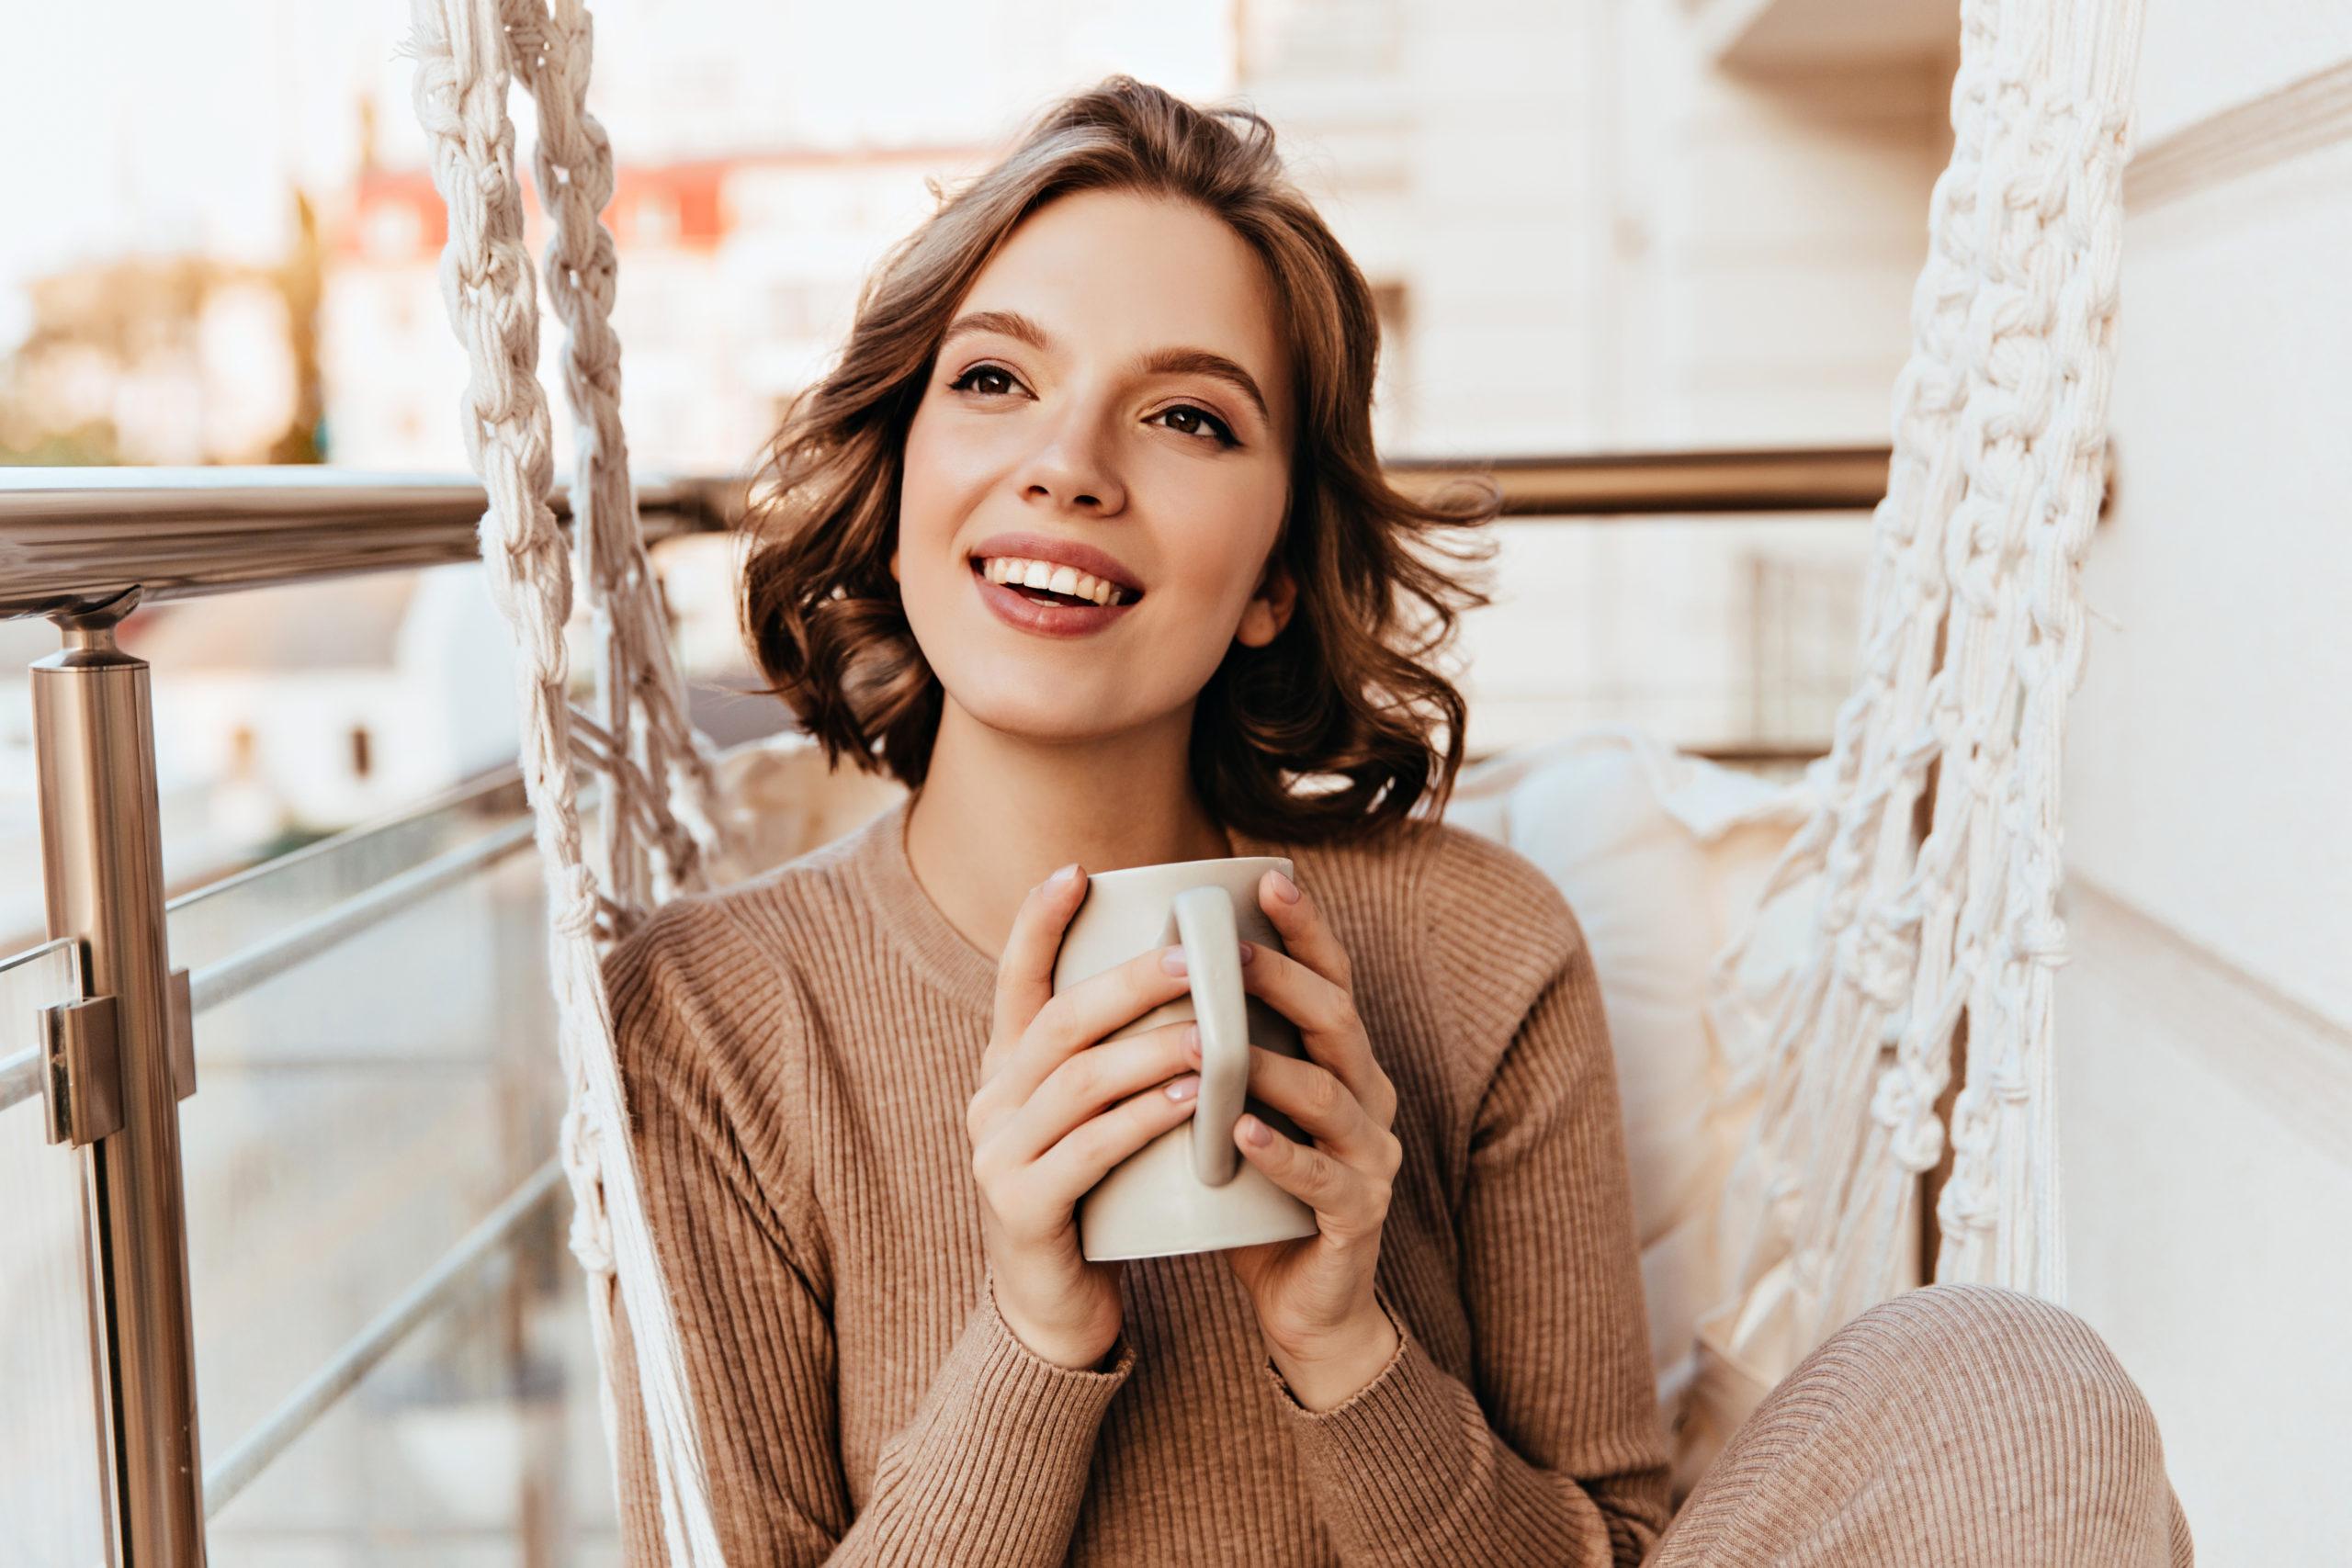 אישה שמחה